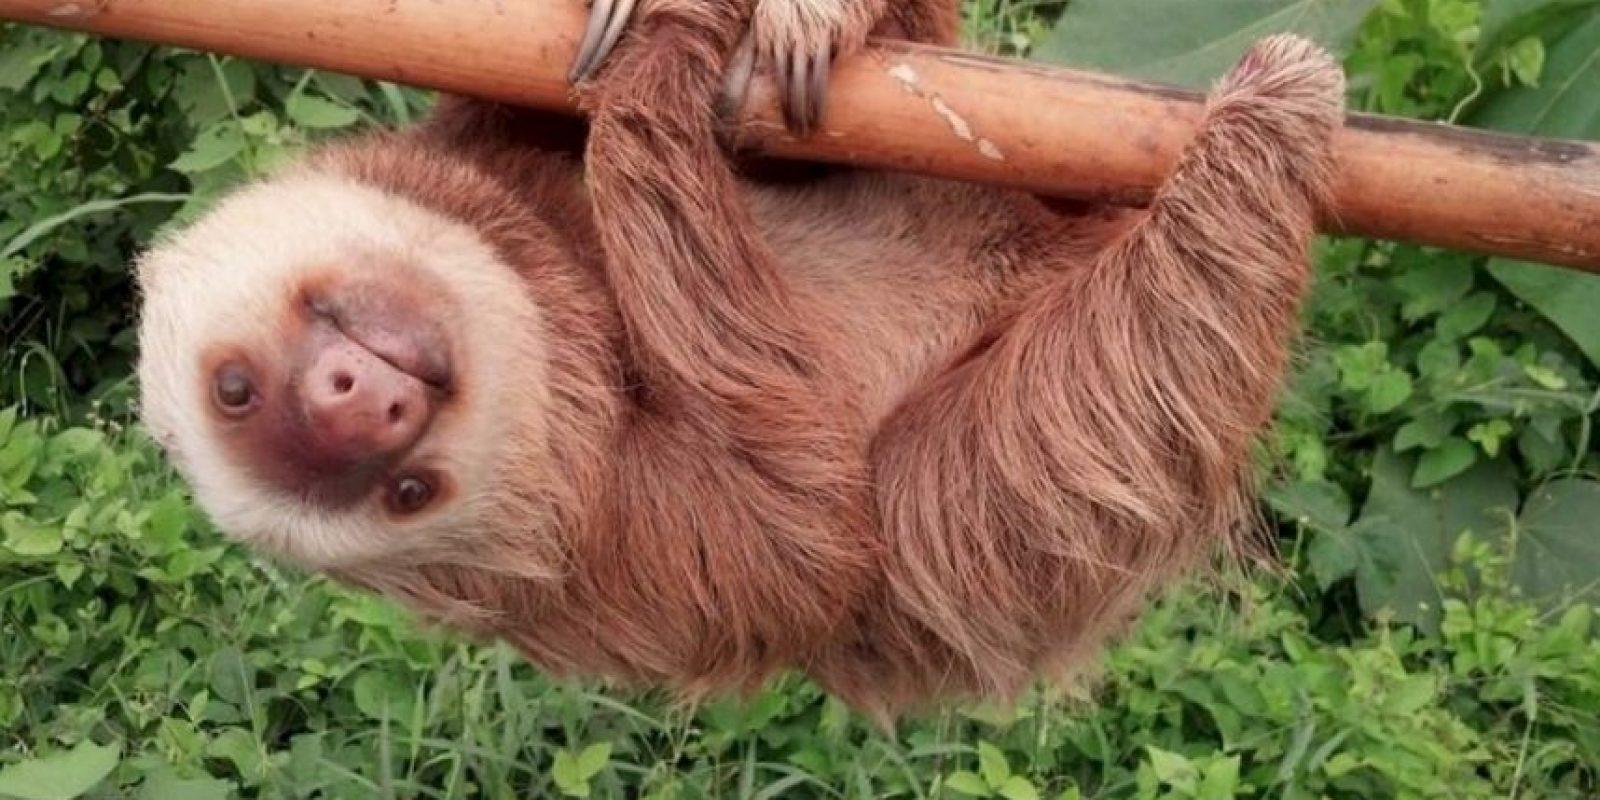 En tierra es un animal muy lento, sin embargo es muy ágil para moverse entre las ramas de los árboles donde vive. Foto:Vía facebook.com/ctecuador